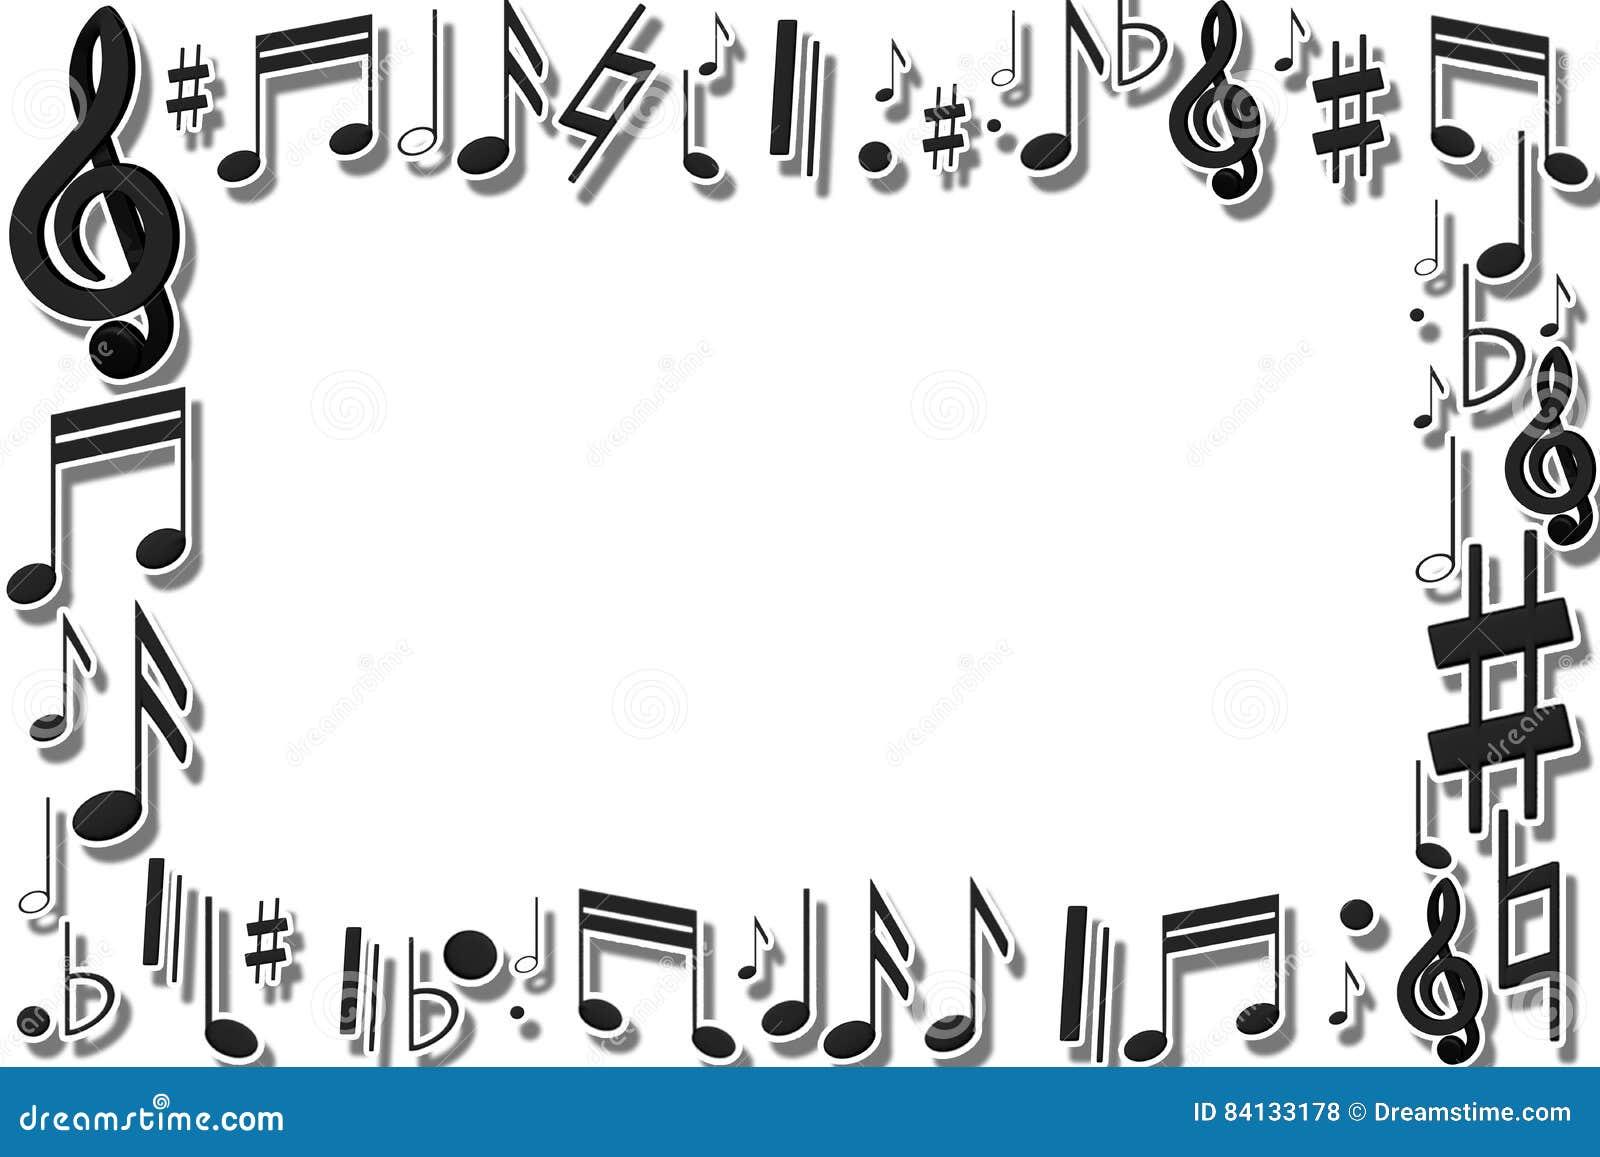 Marco musical stock de ilustración. Ilustración de imagen - 84133178